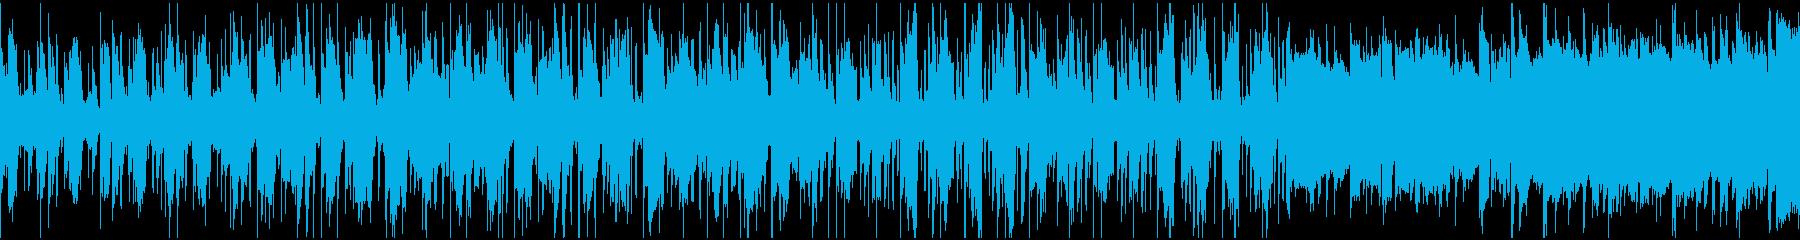 オシャレで大人なジャズの再生済みの波形